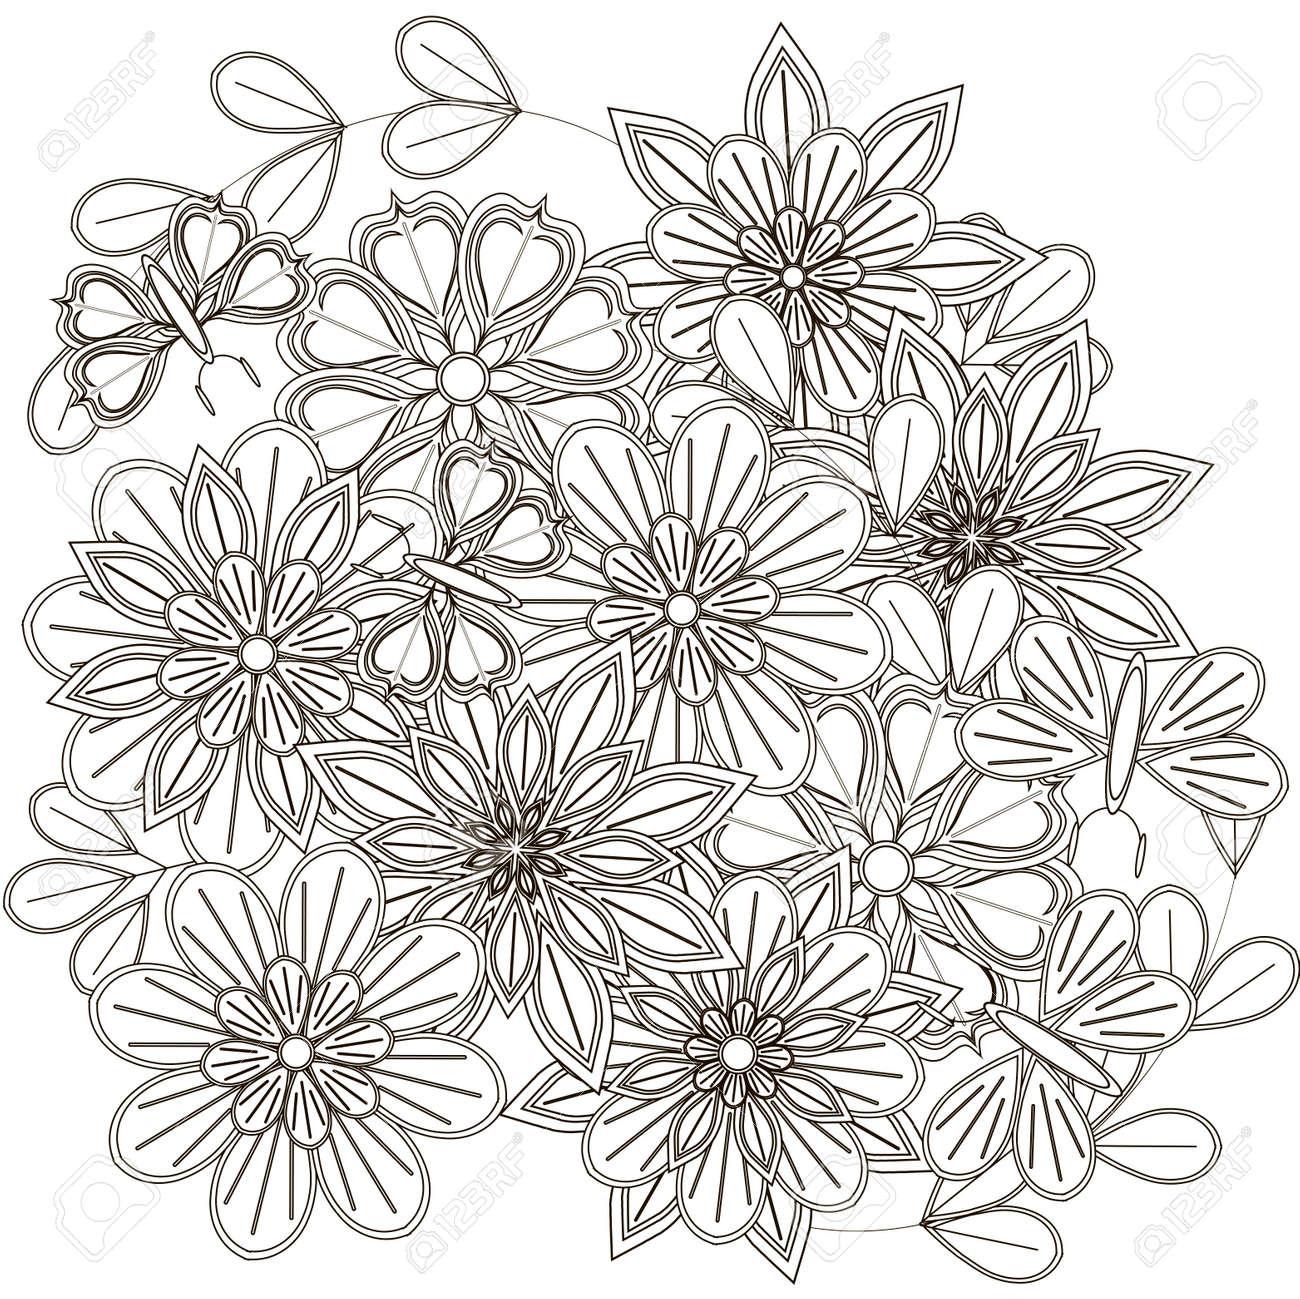 Croquis Noir Et Blanc De Bouquet Fleurs Stylisées Et Papillons Pour Anti Stress Page De Coloriage Illustration Vectorielle Stock